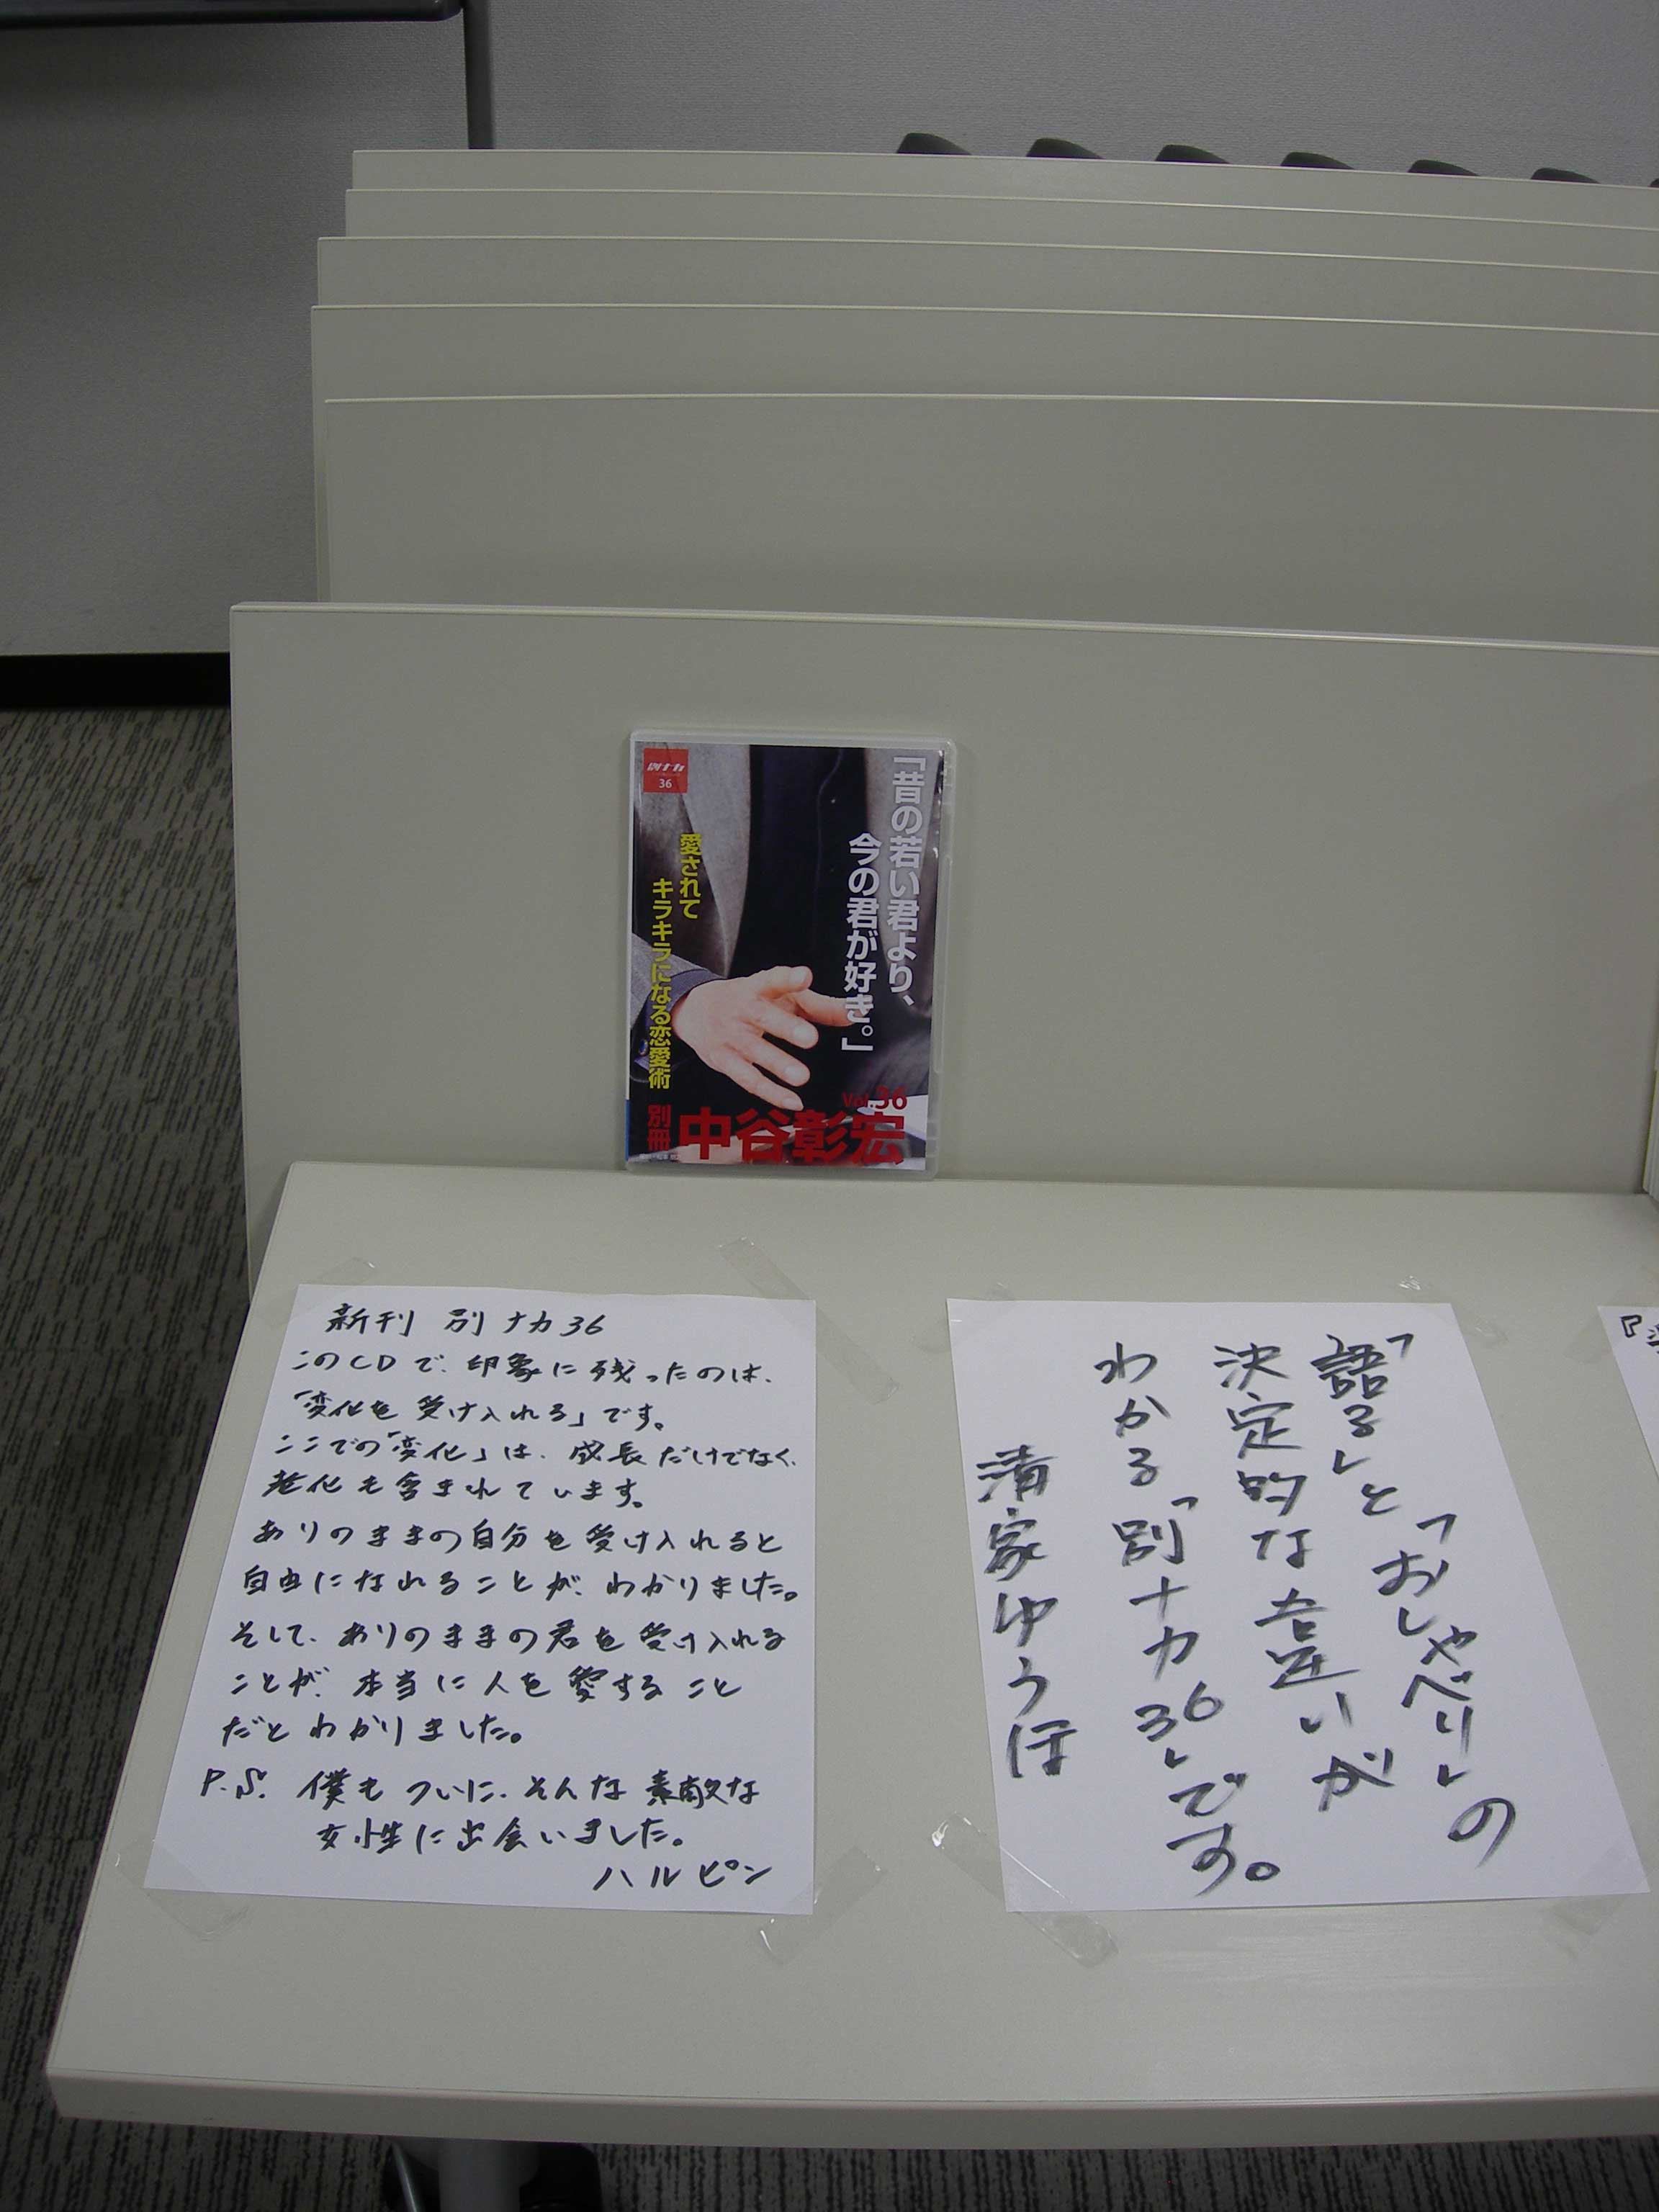 20100411_紹介文_笹瀬友晴さん_清家ゆうほさん.jpg